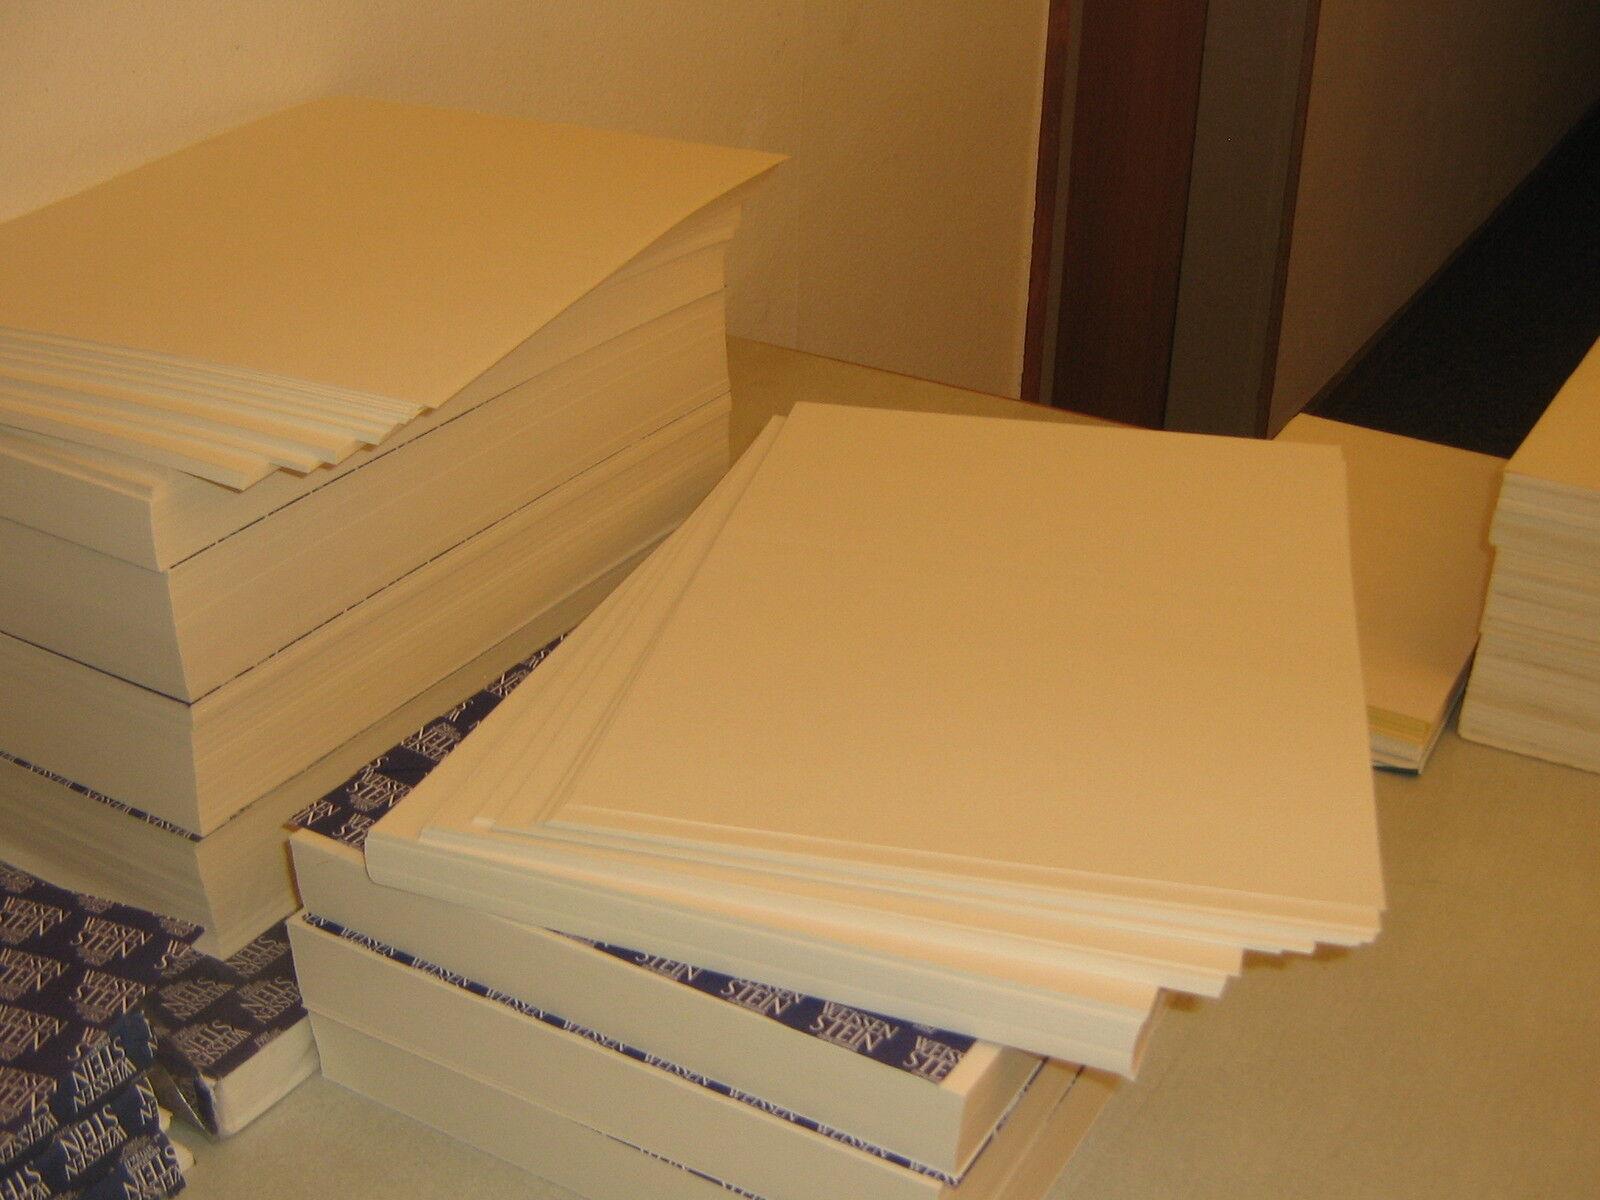 100 Blatt Studien-Aquarellpapier190 g/qm gerippte Struktur A4 Säurefrei weiss